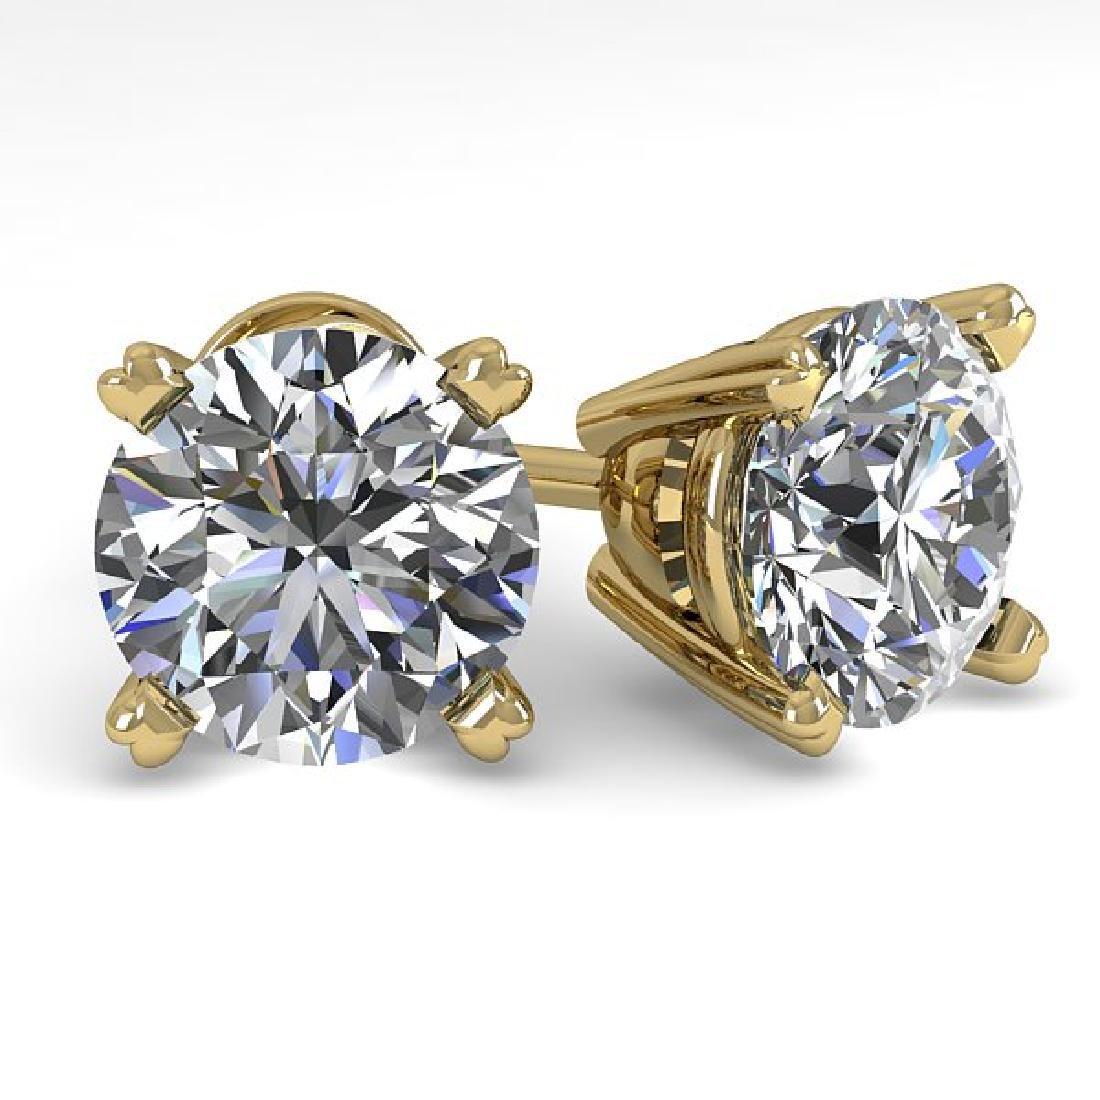 2.53 CTW Certified VS/SI Diamond Stud Earrings 14K